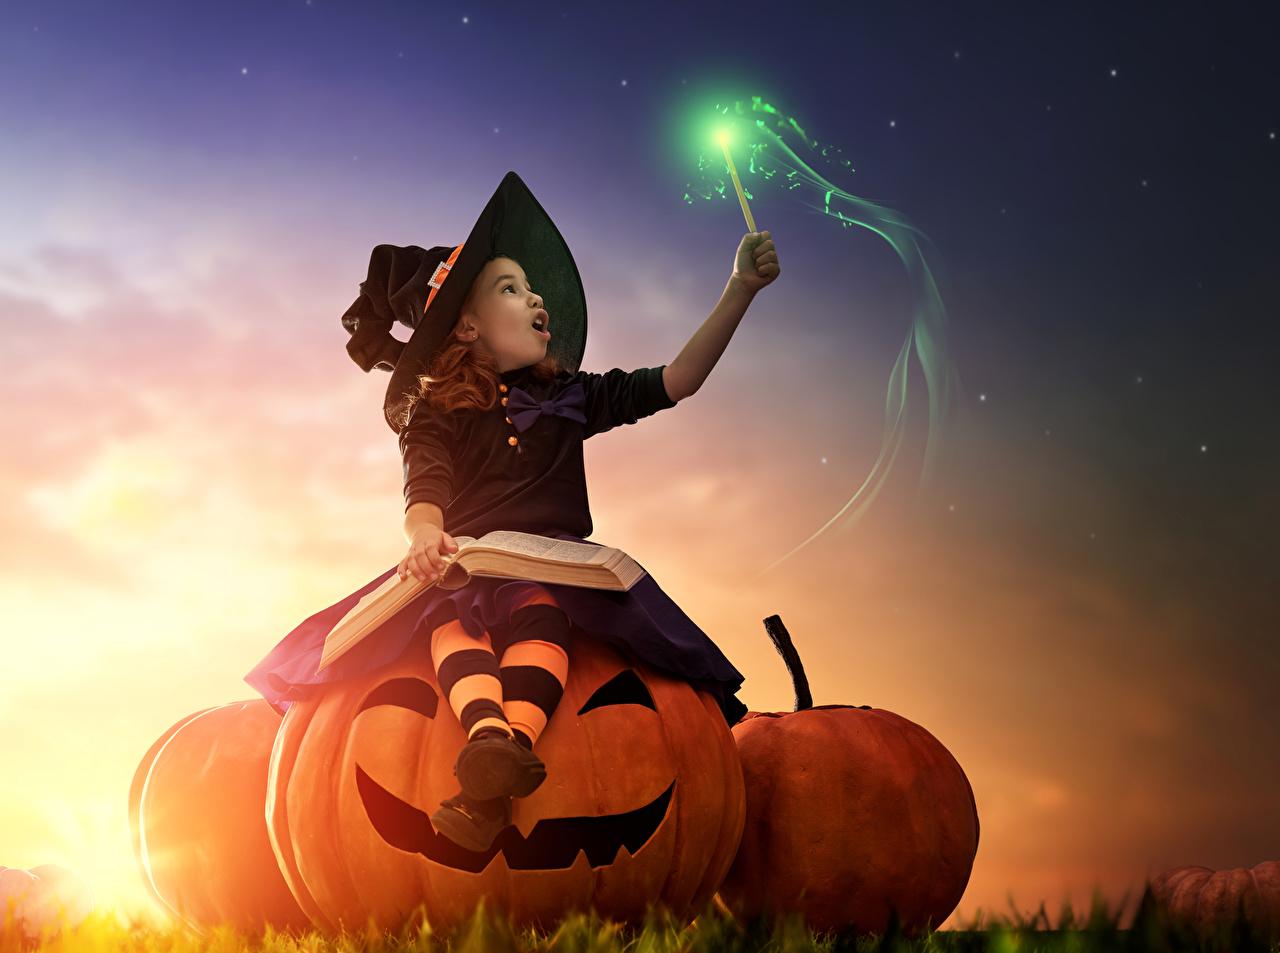 Photos Little girls Magic Witch child Hat Pumpkin Halloween sit books sorcery Children Book Sitting